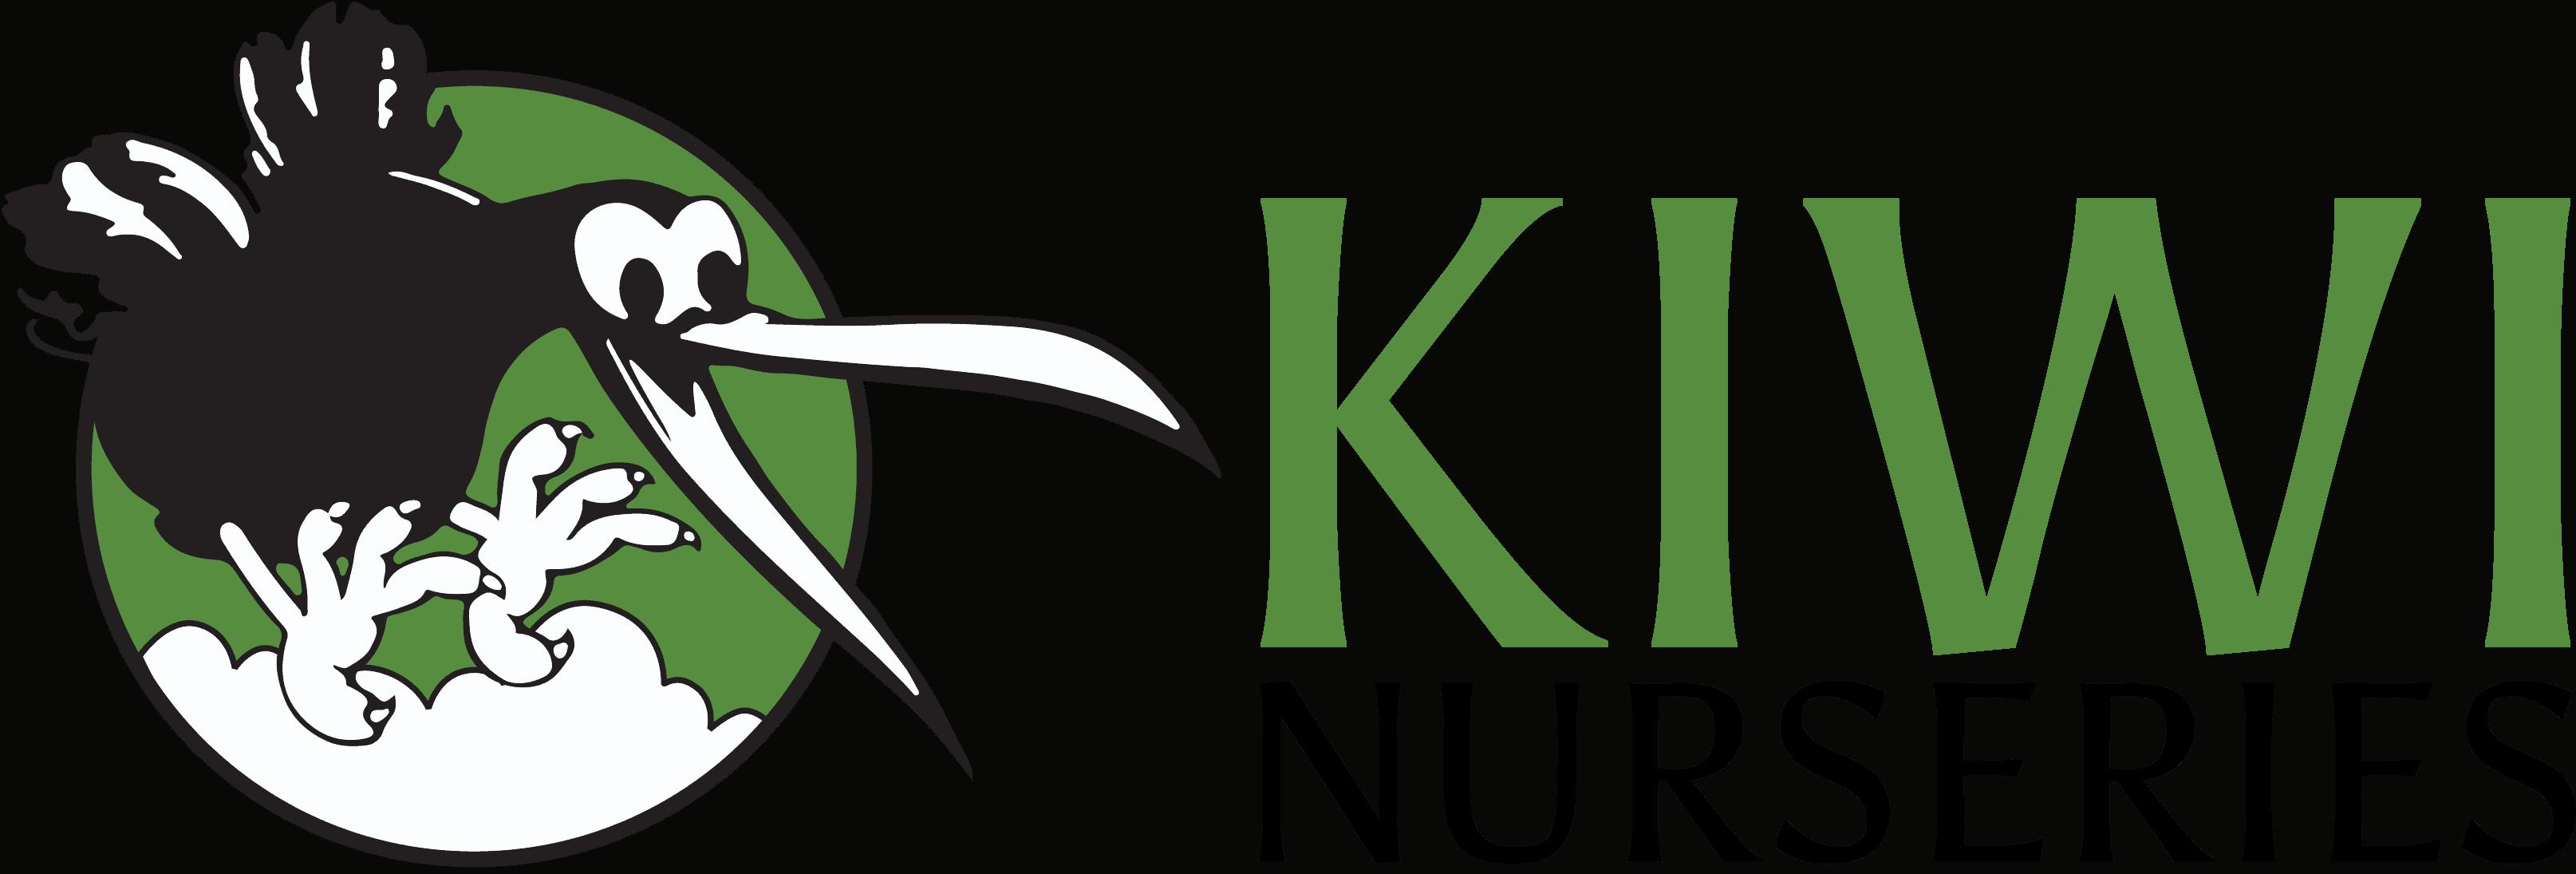 Kiwi-Horizontal-Logo-2019